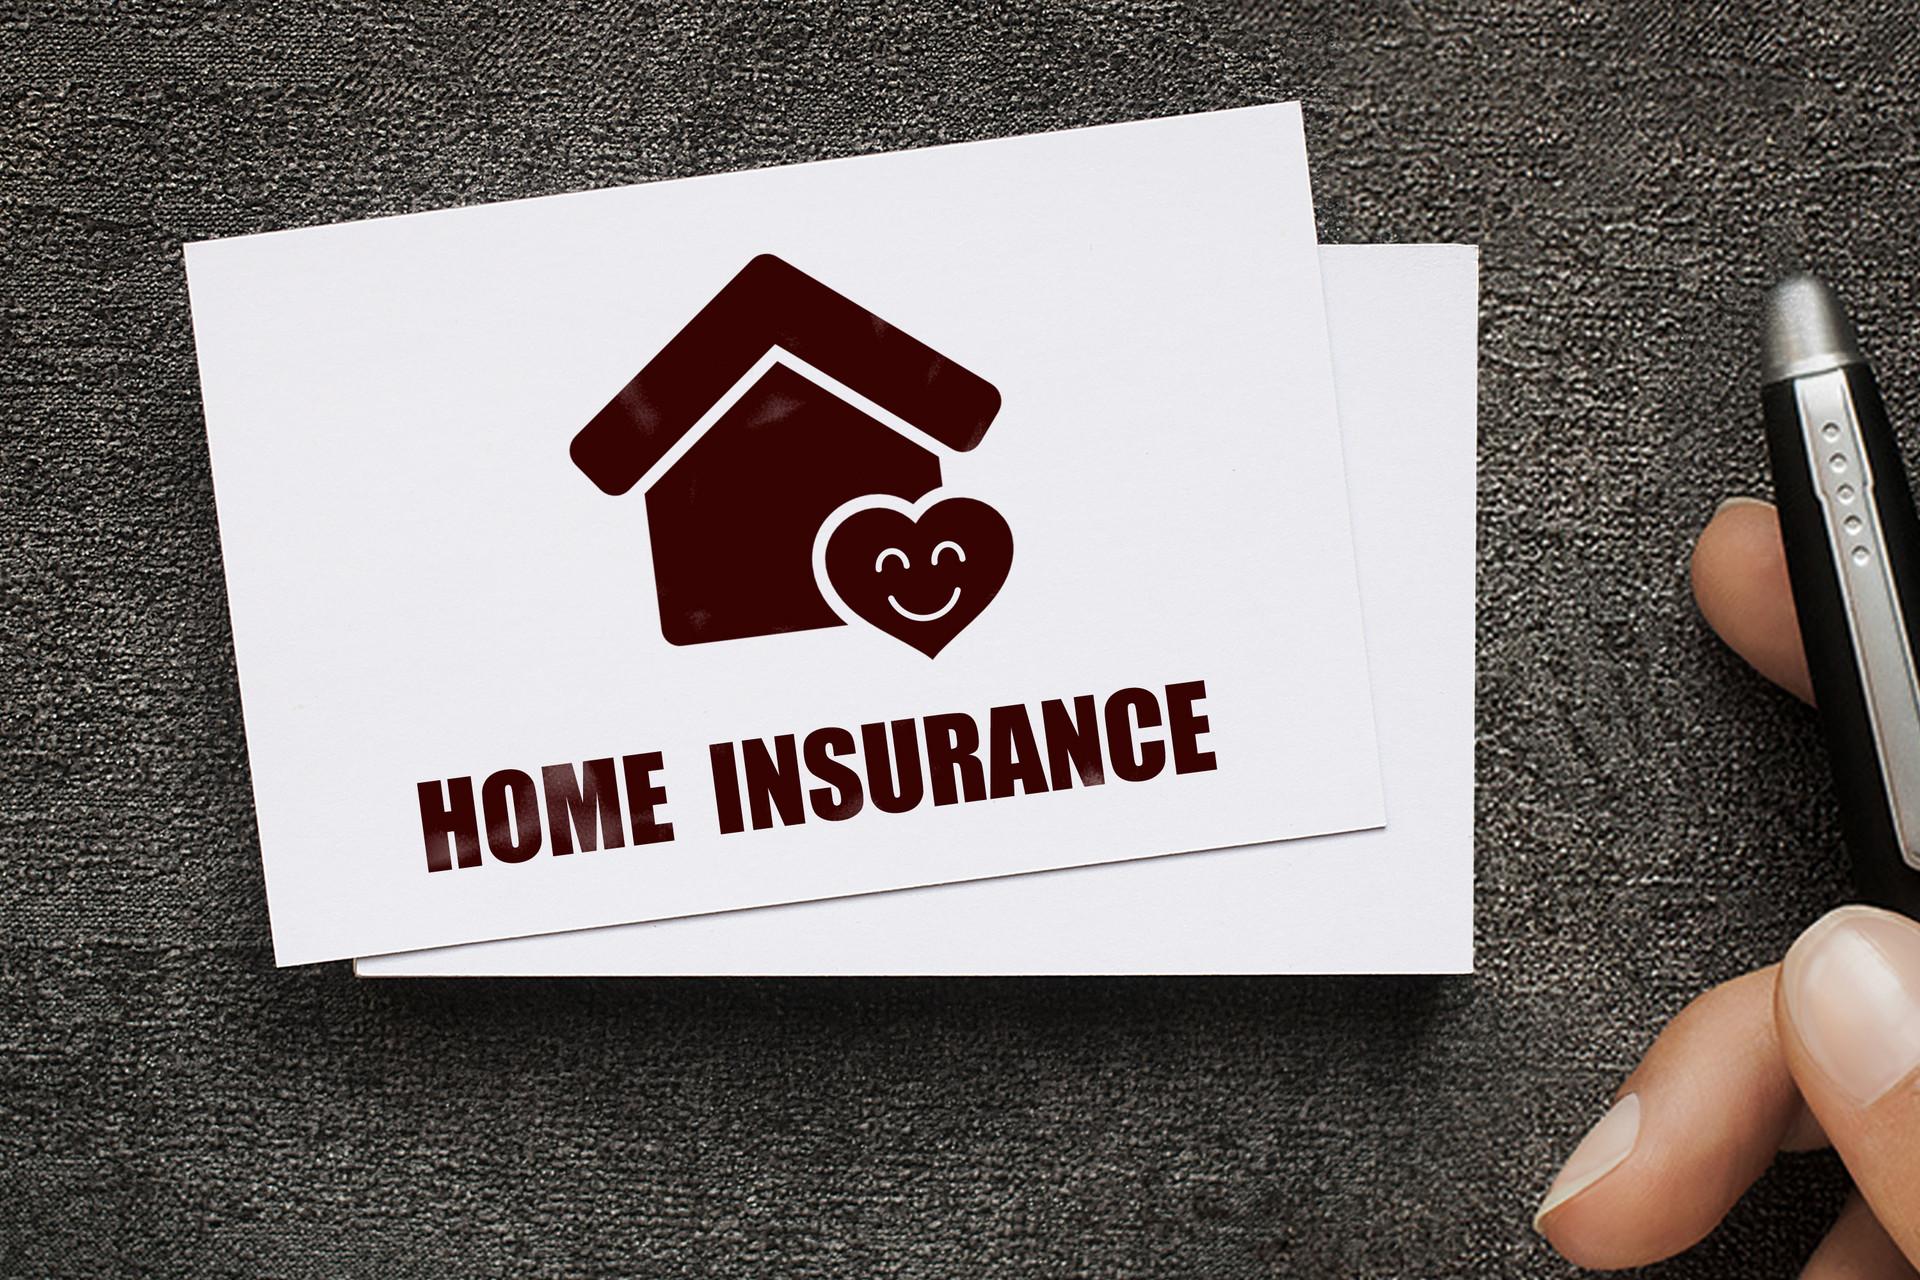 住房公积金怎么贷款,住房公积金贷款误区有哪些